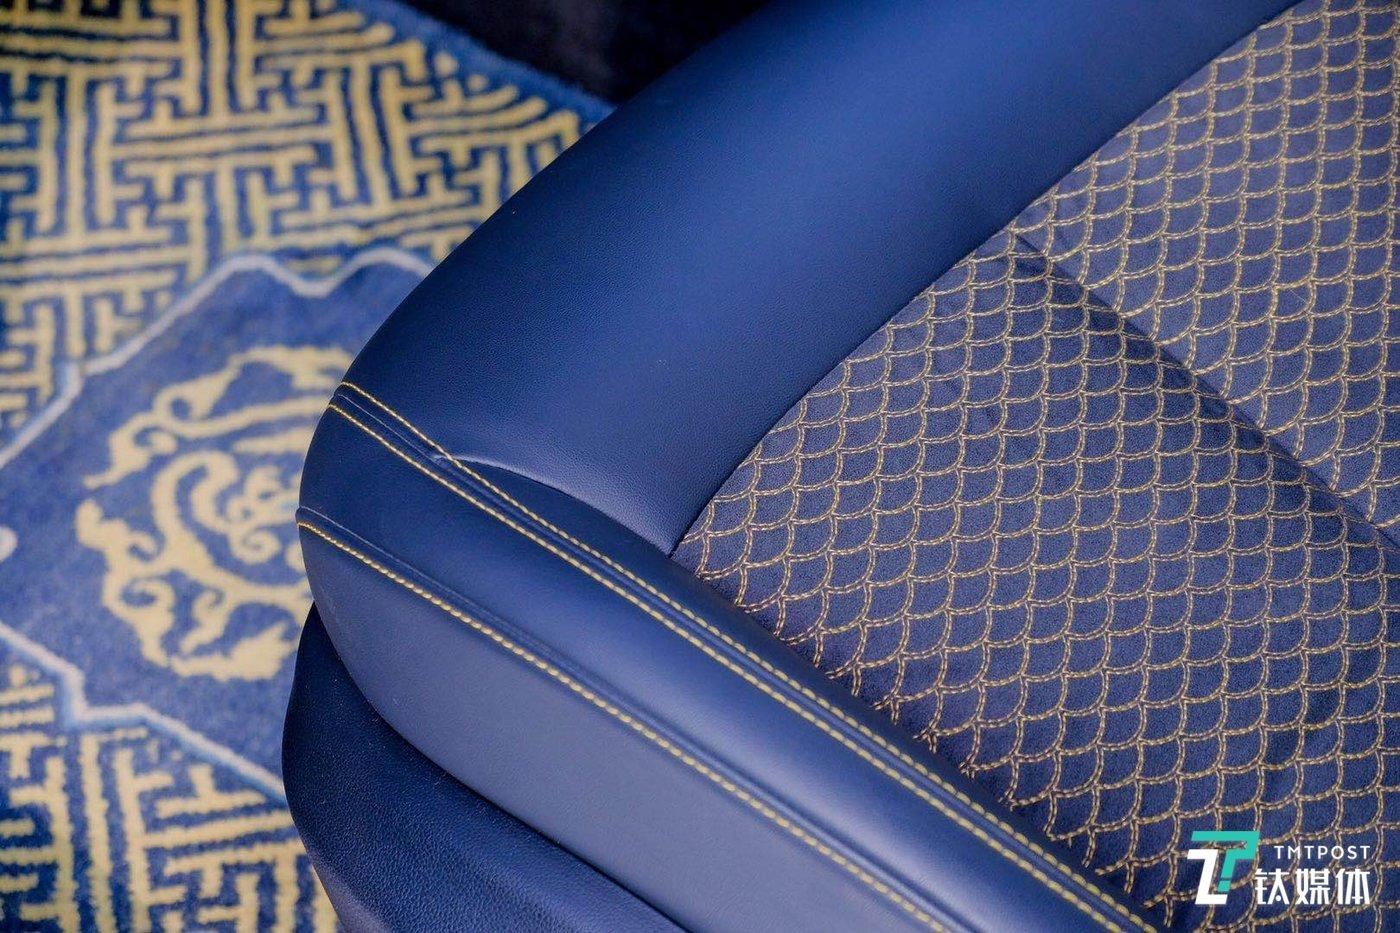 座椅上采用鱼鳞纹,地毯采用宫毯工艺